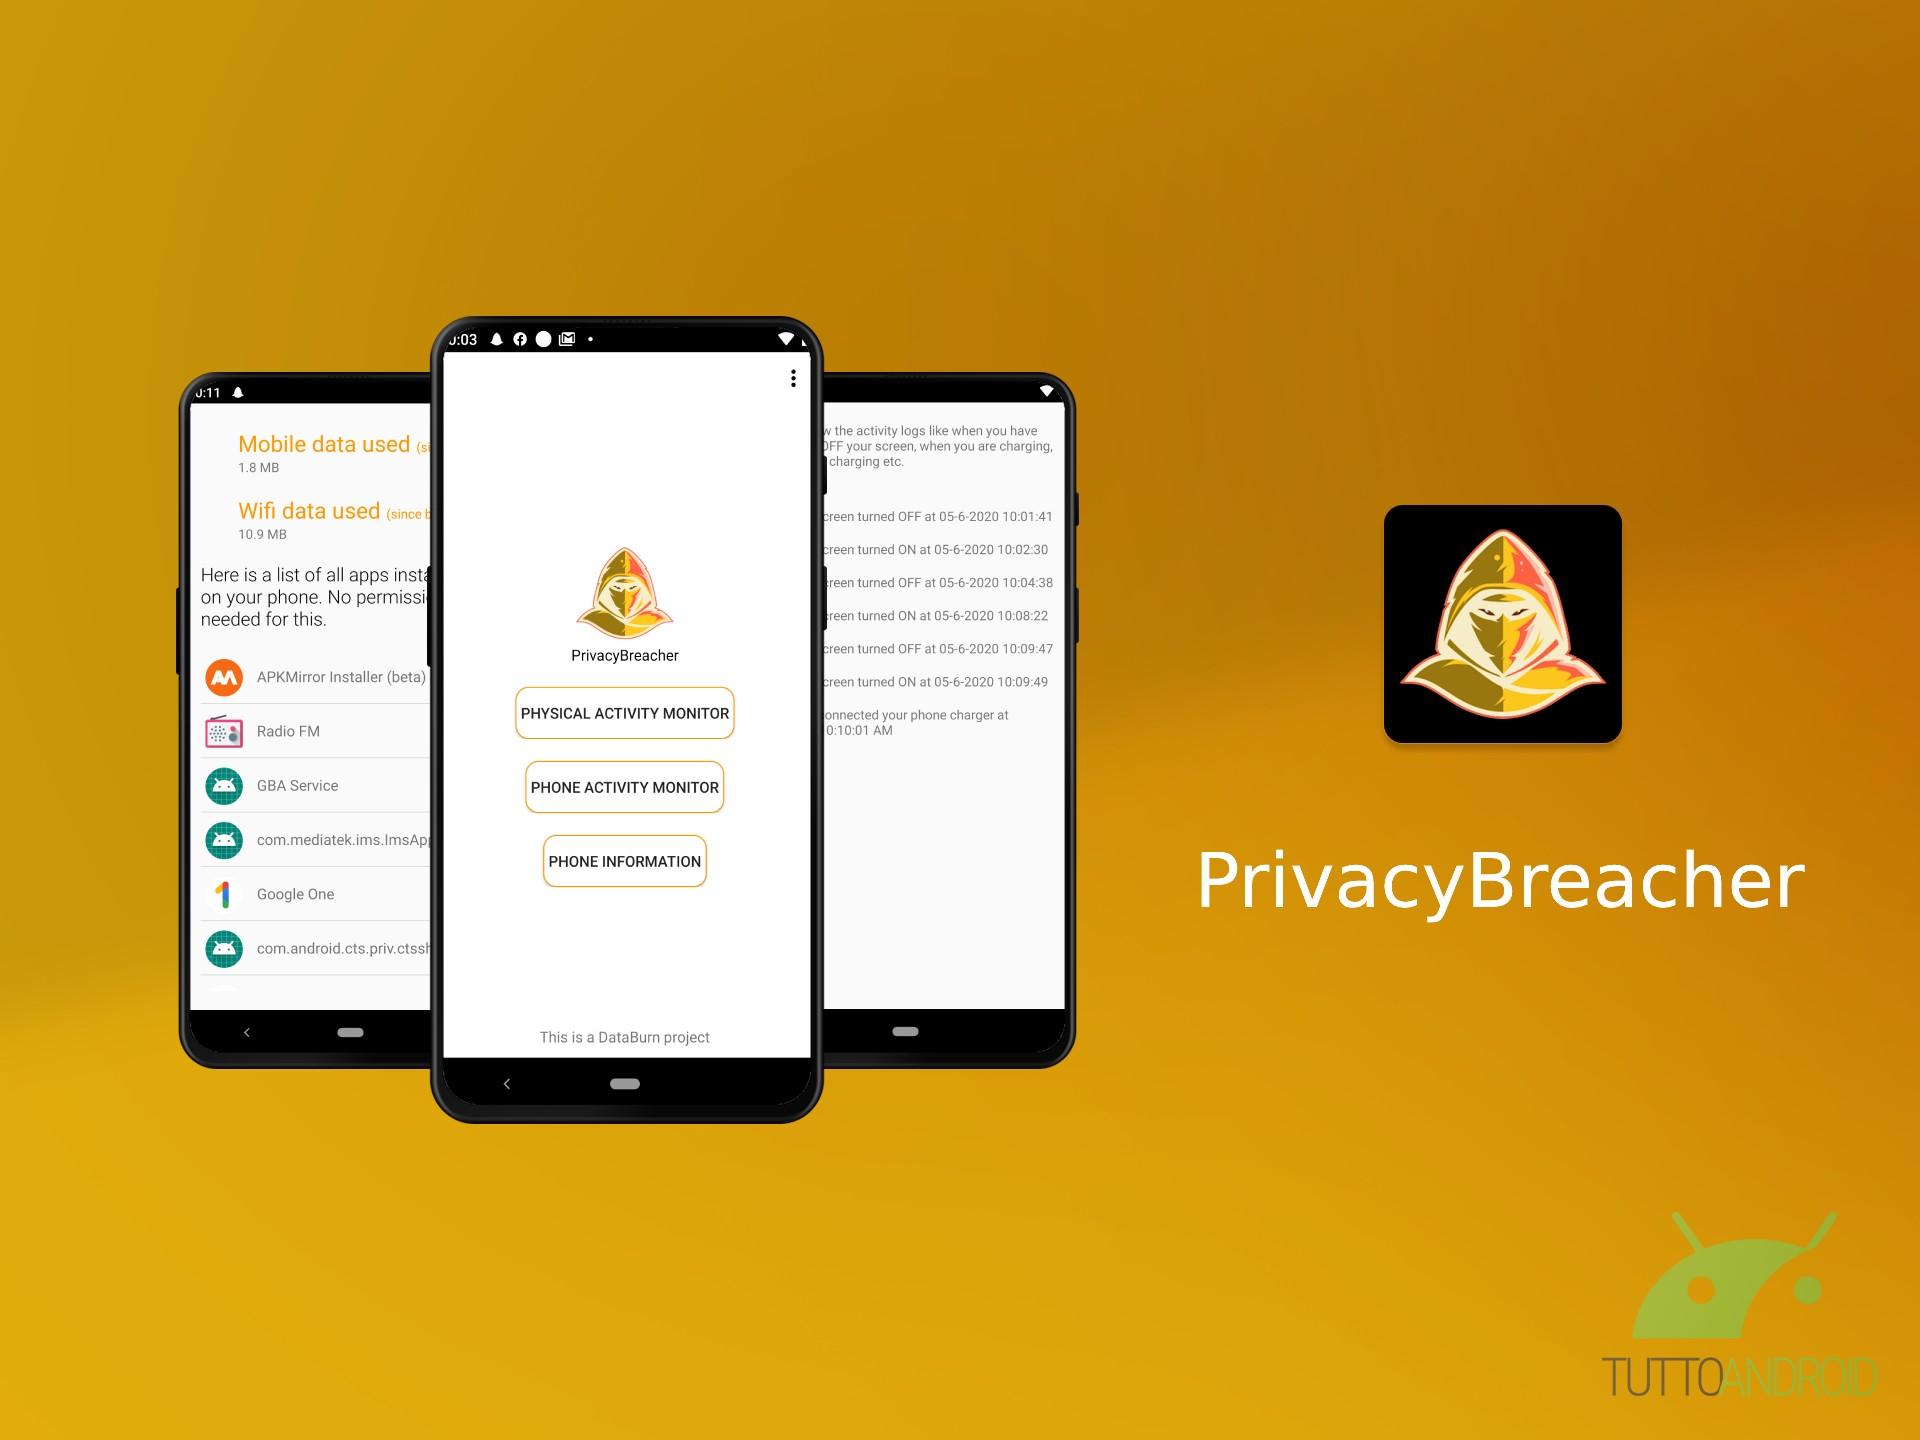 PrivacyBreacher mostra quali app accedono alle informazioni